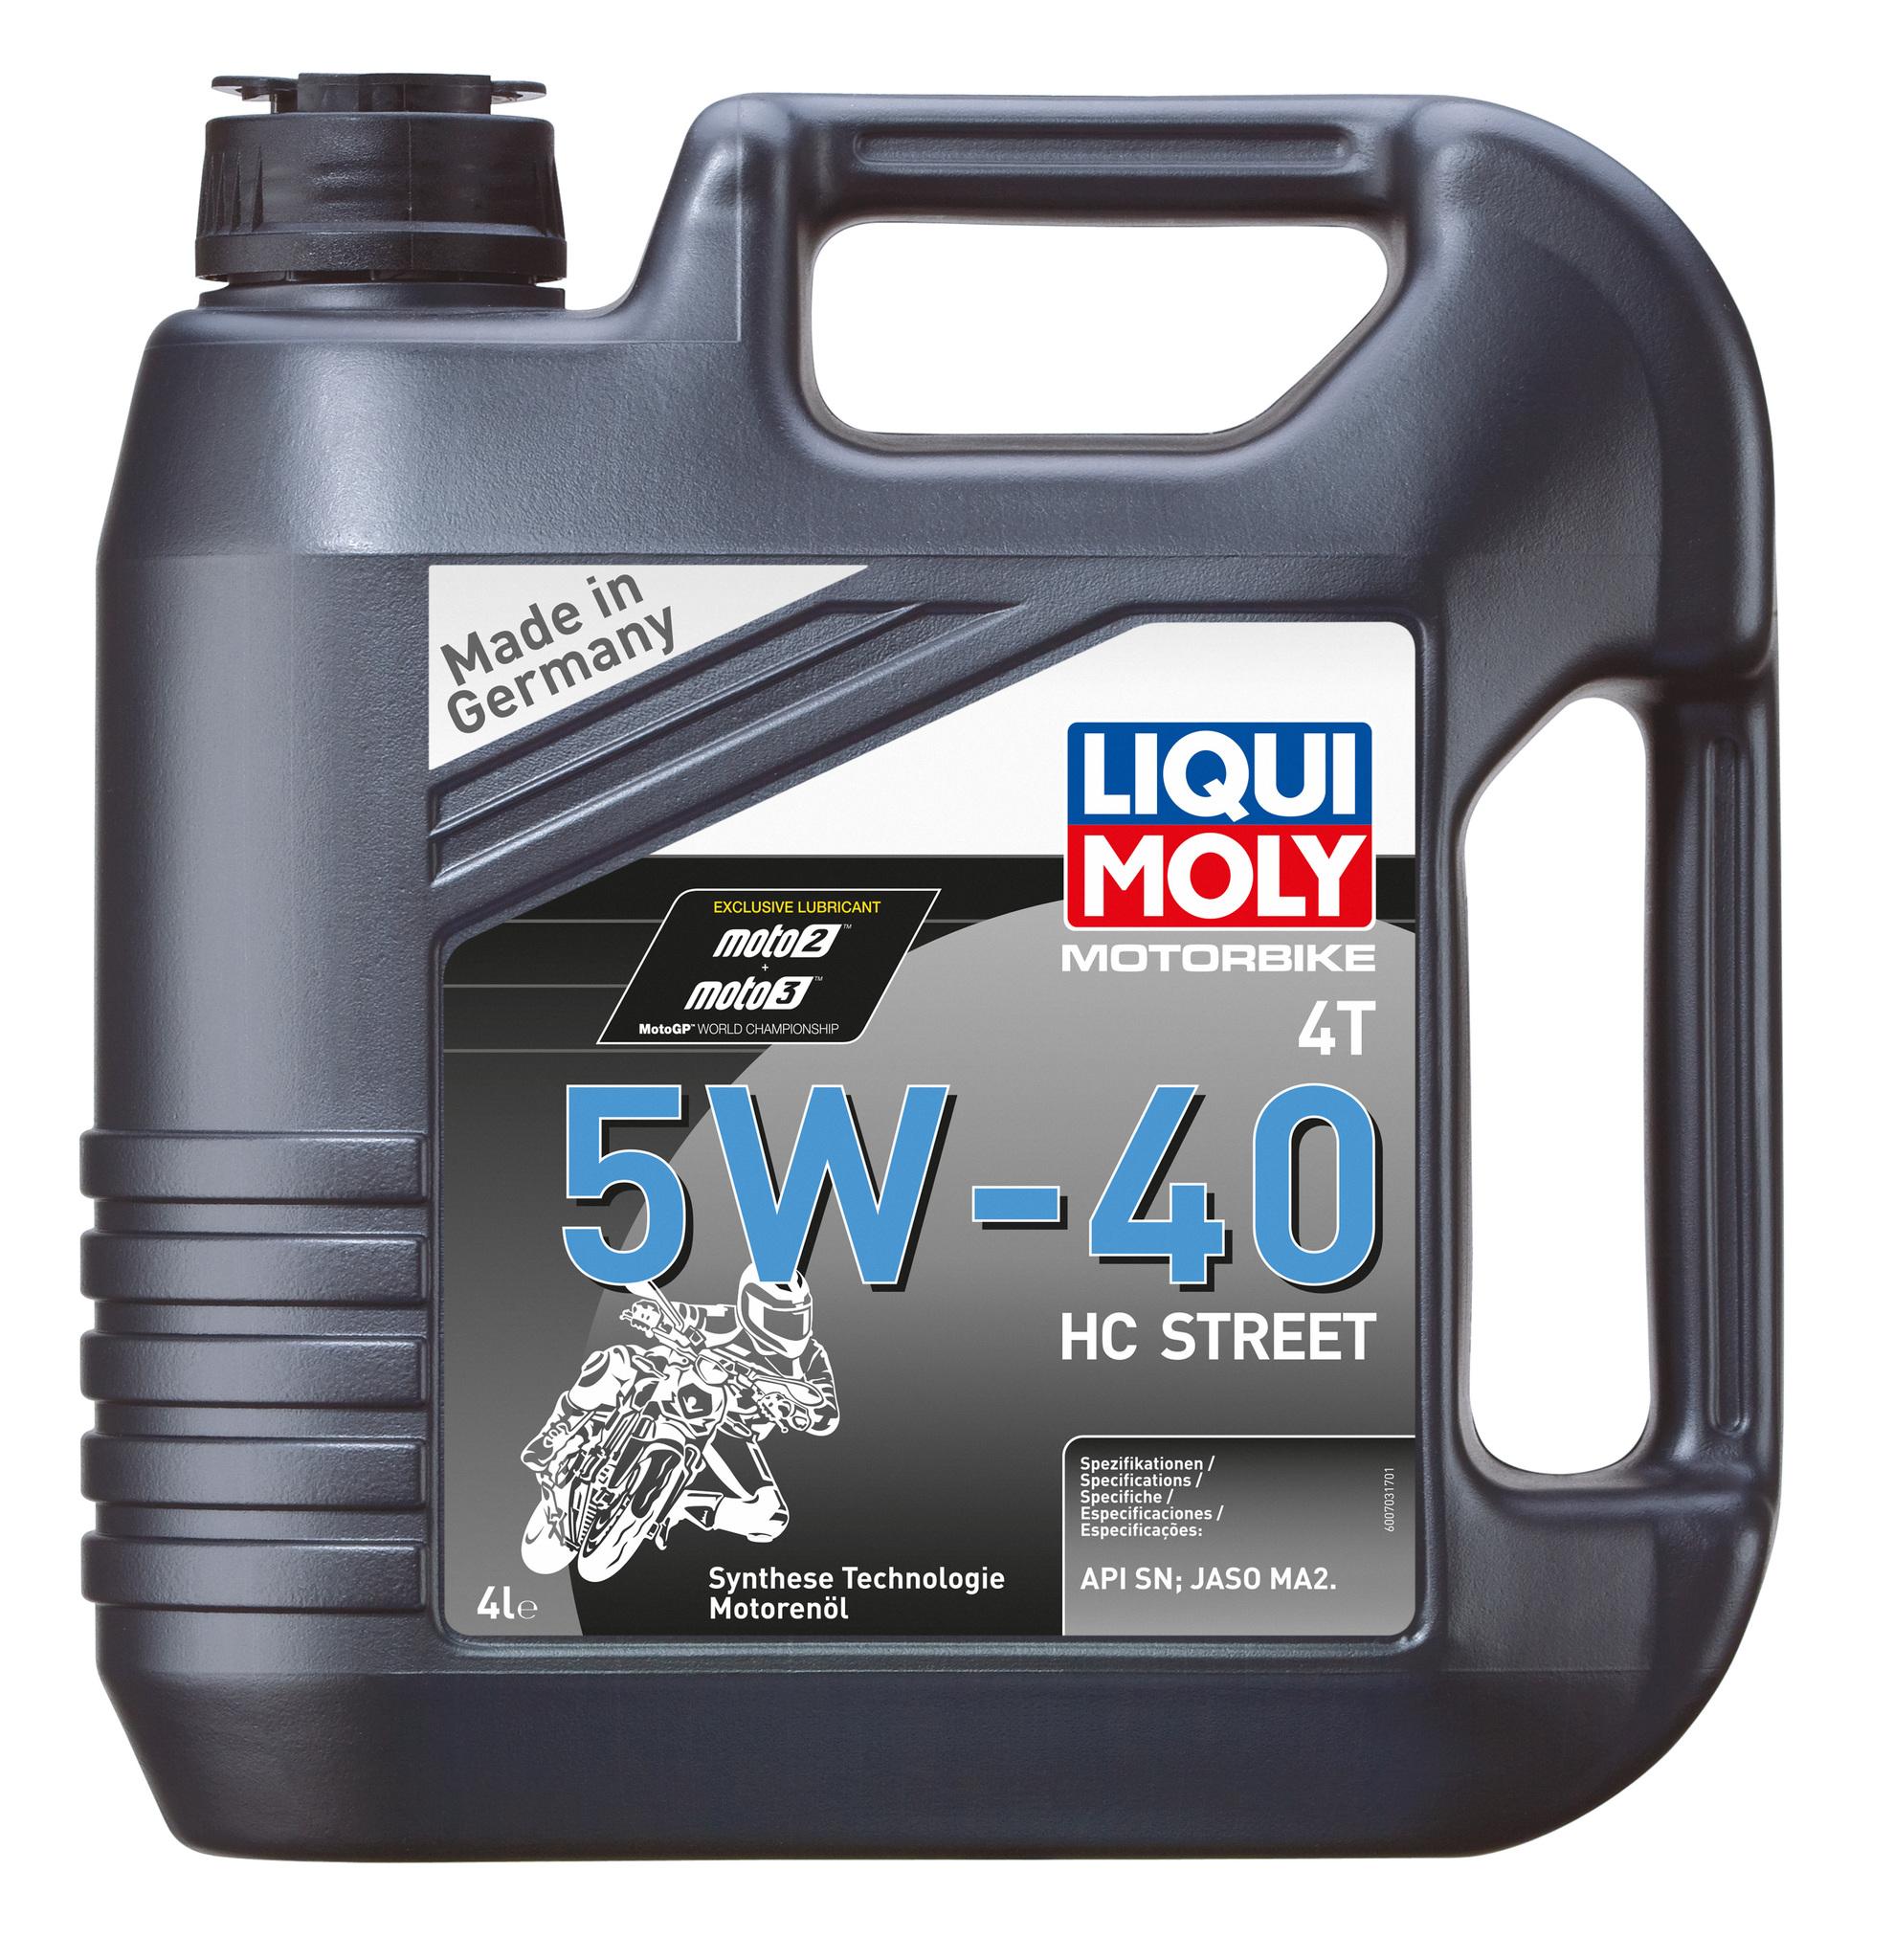 Liqui Moly Motorbike 4T HC Street 5W-40 (4л) - НС-синтетическое моторное масло для 4-тактных мотоциклов